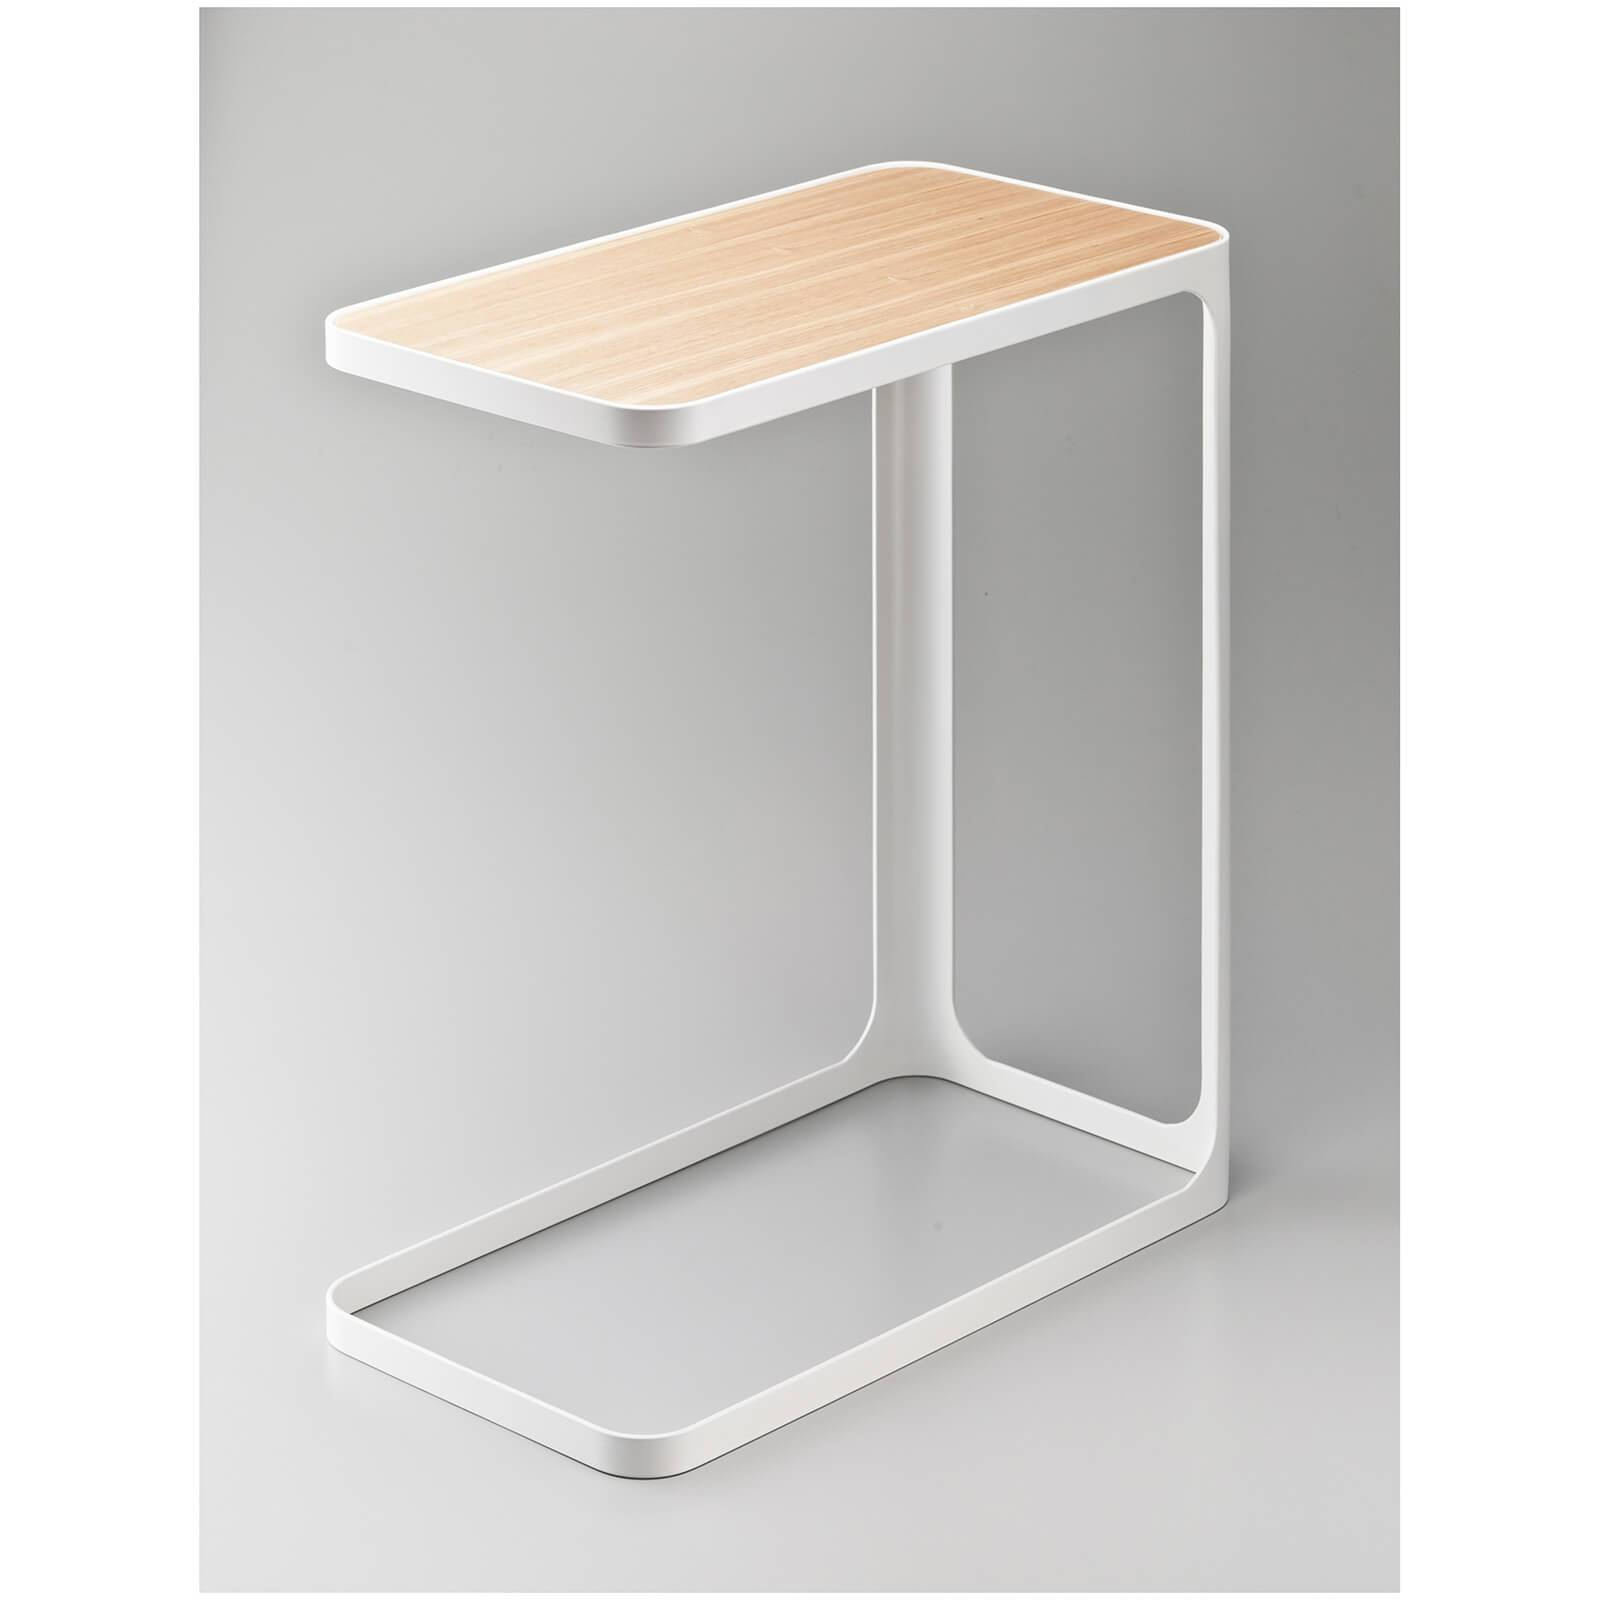 Yamazaki Frame Side Table - White